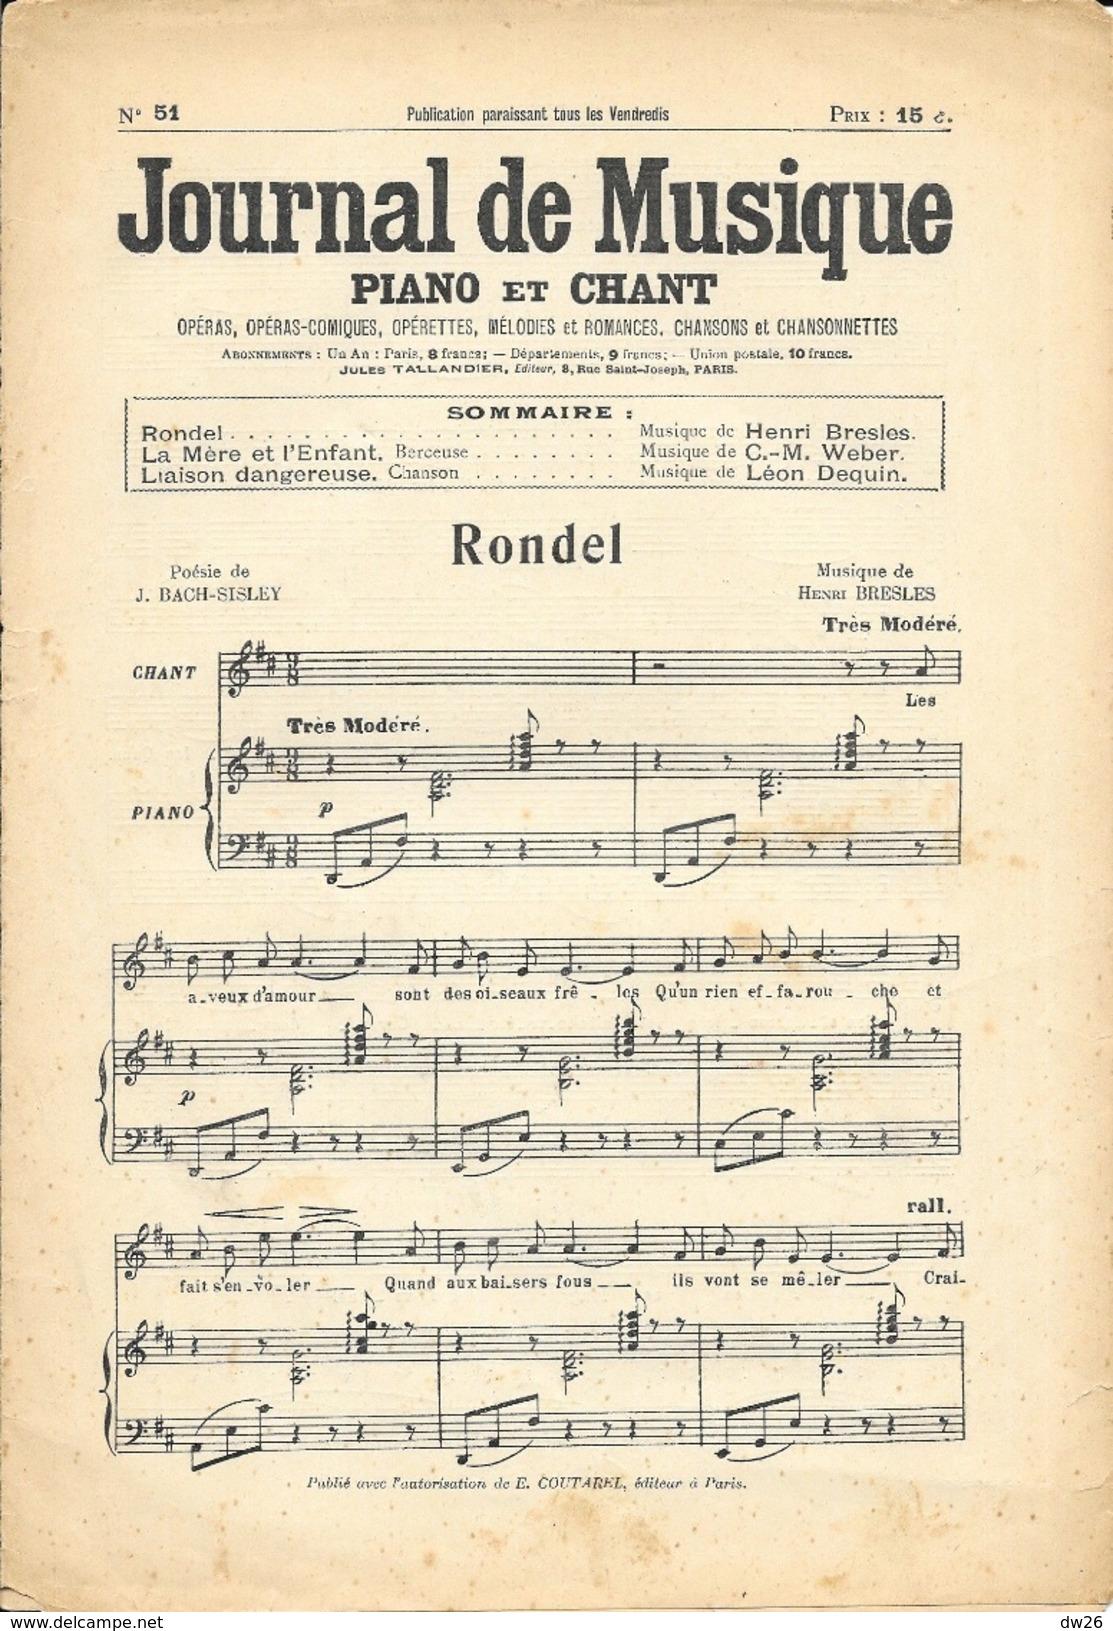 Journal De Musique N° 51 (Piano Et Chant) Avec Partitions: Rondel, La Mère Et L'Enfant (Berceuse), Liaison Dangereuse - Autres